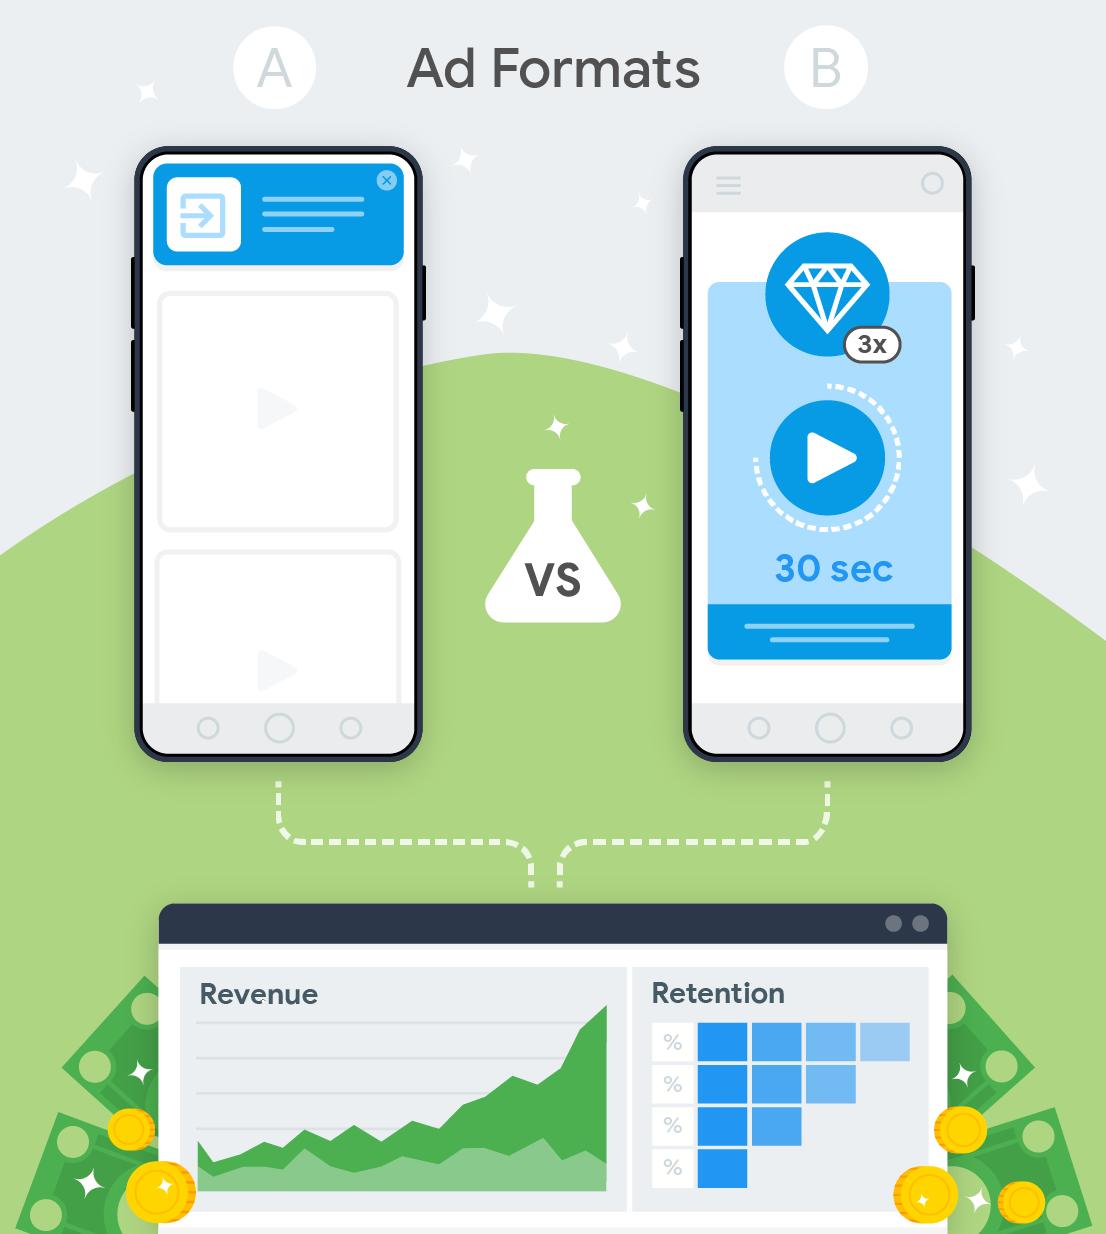 testowanie dwóch formatów reklam i ich wpływu na przychody i retencję